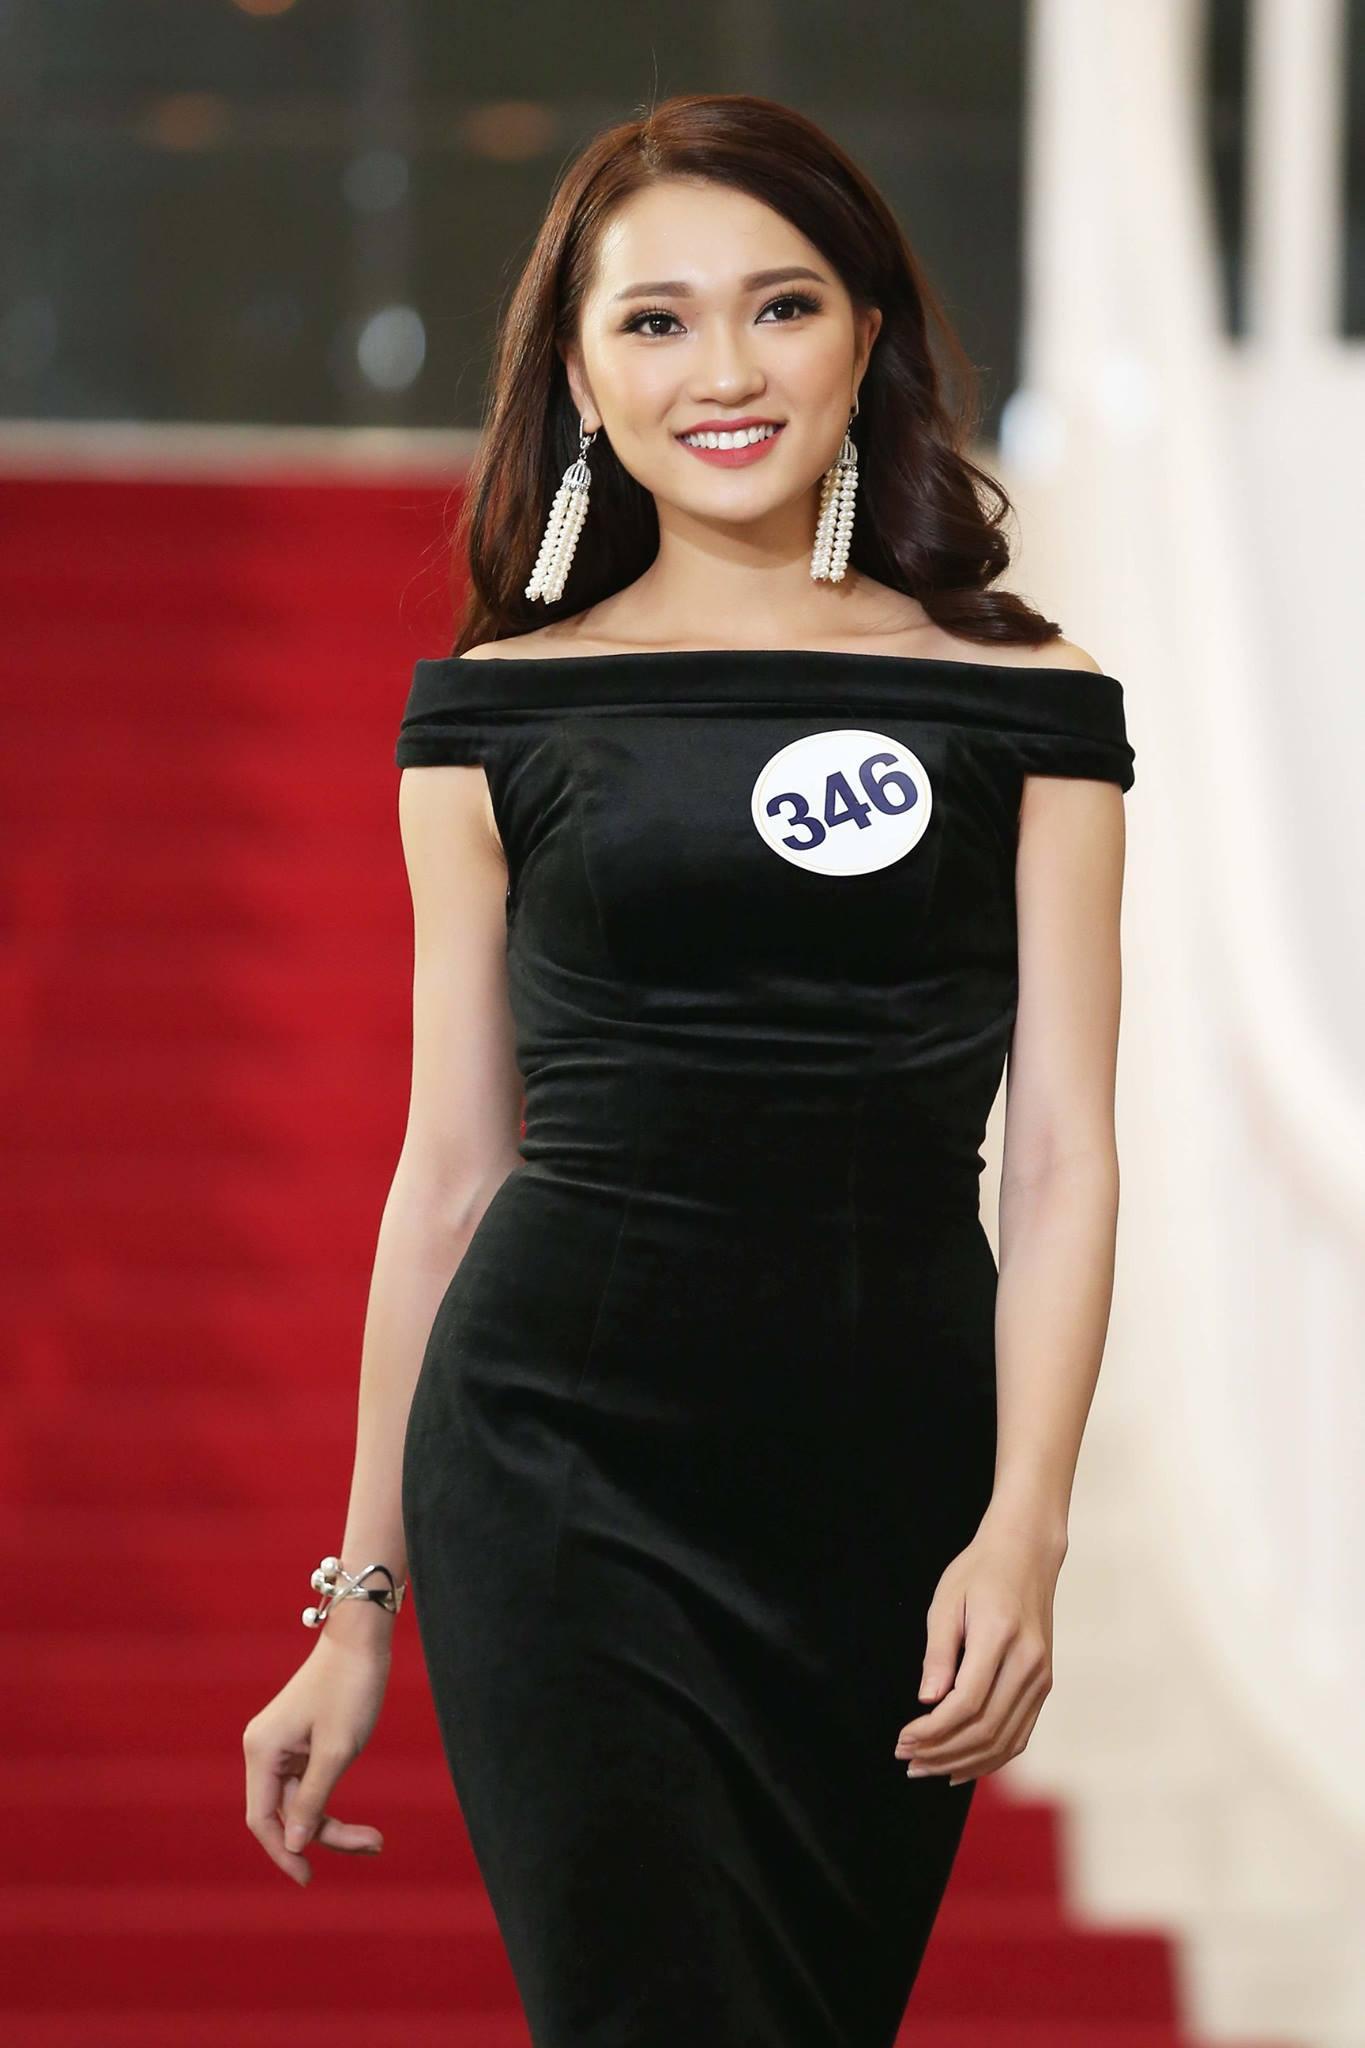 Khuôn mặt đẹp nhưng chỉ cao 1m65, lại kém tiếng Anh, cô nàng này sẽ làm nên chuyện tại Hoa hậu Hoàn vũ VN? - Ảnh 3.